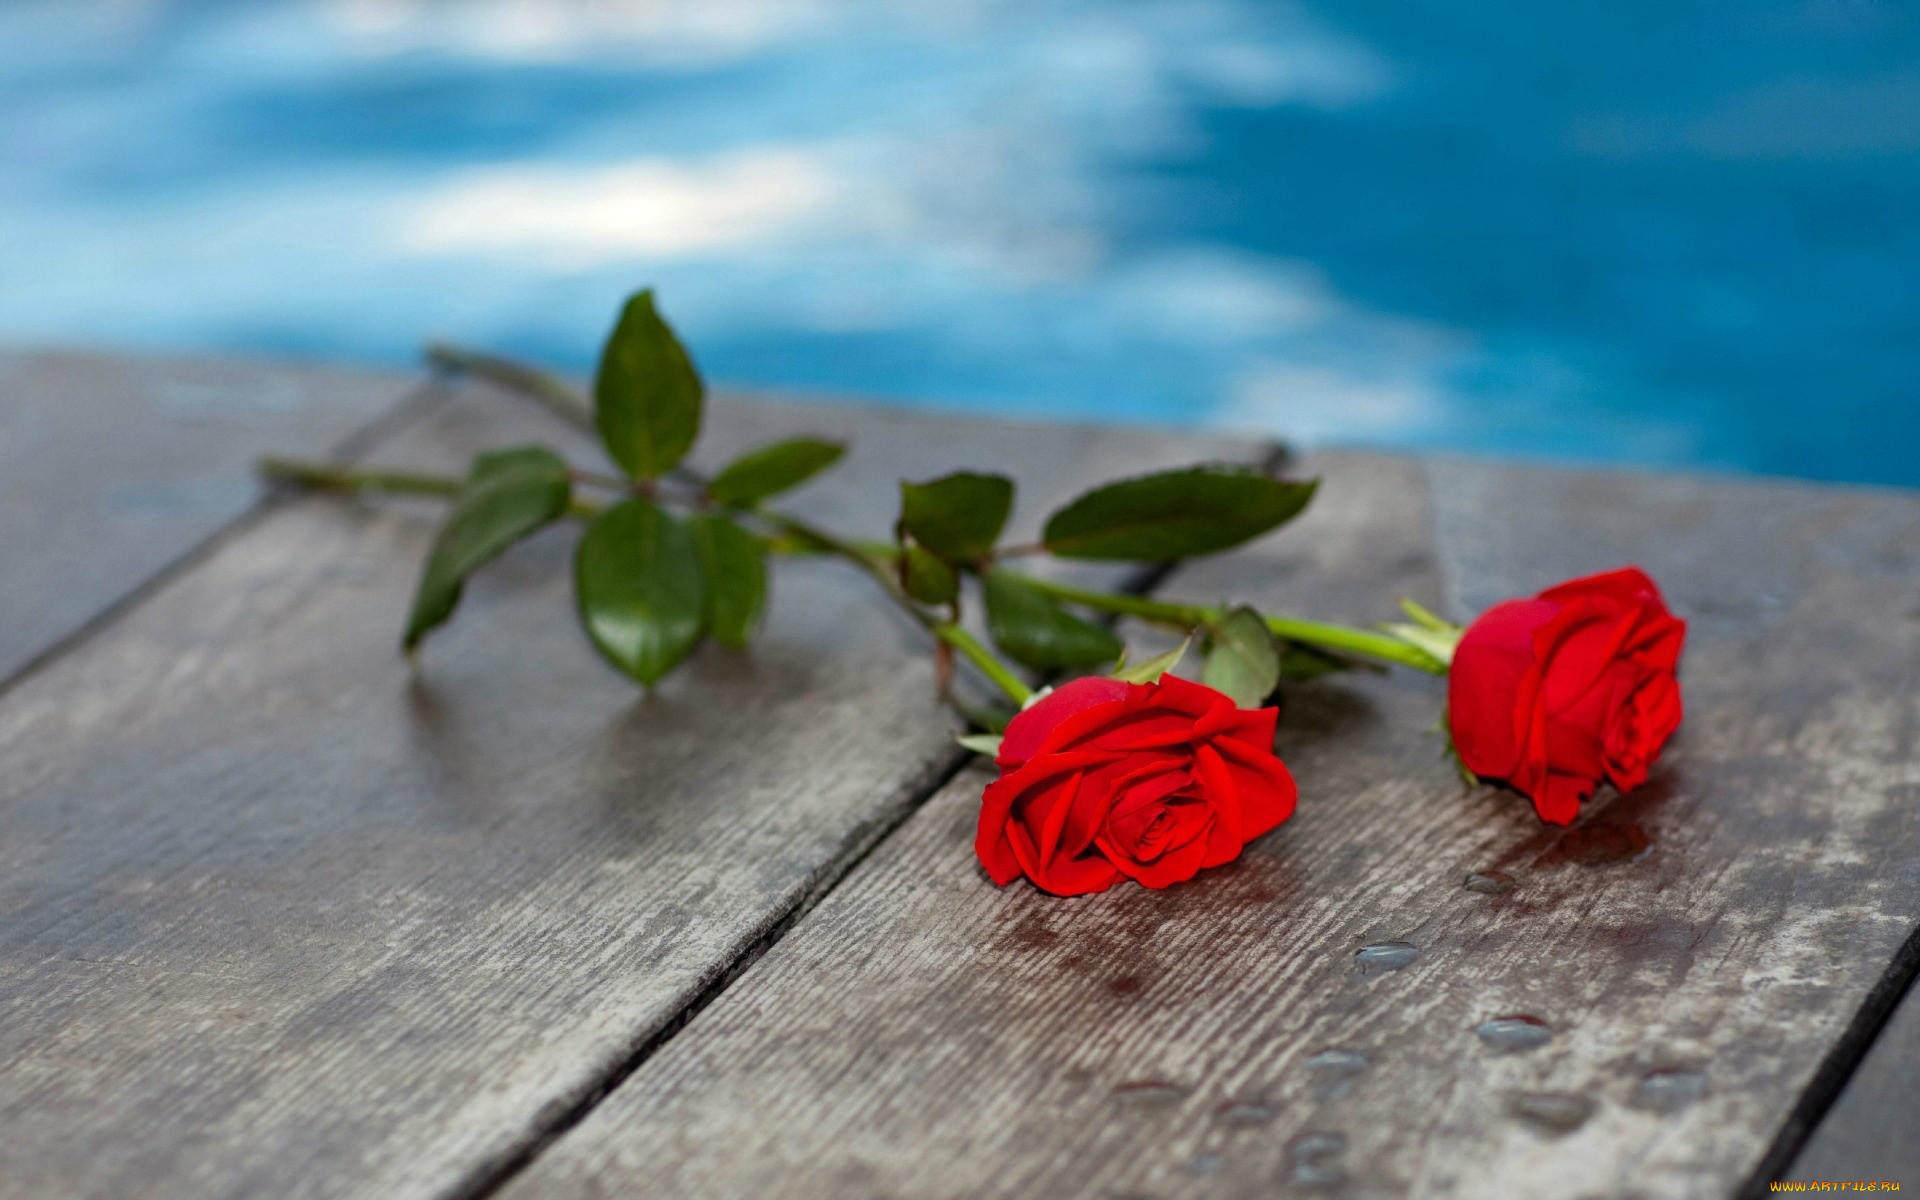 две розы картинка фото пограничная одна